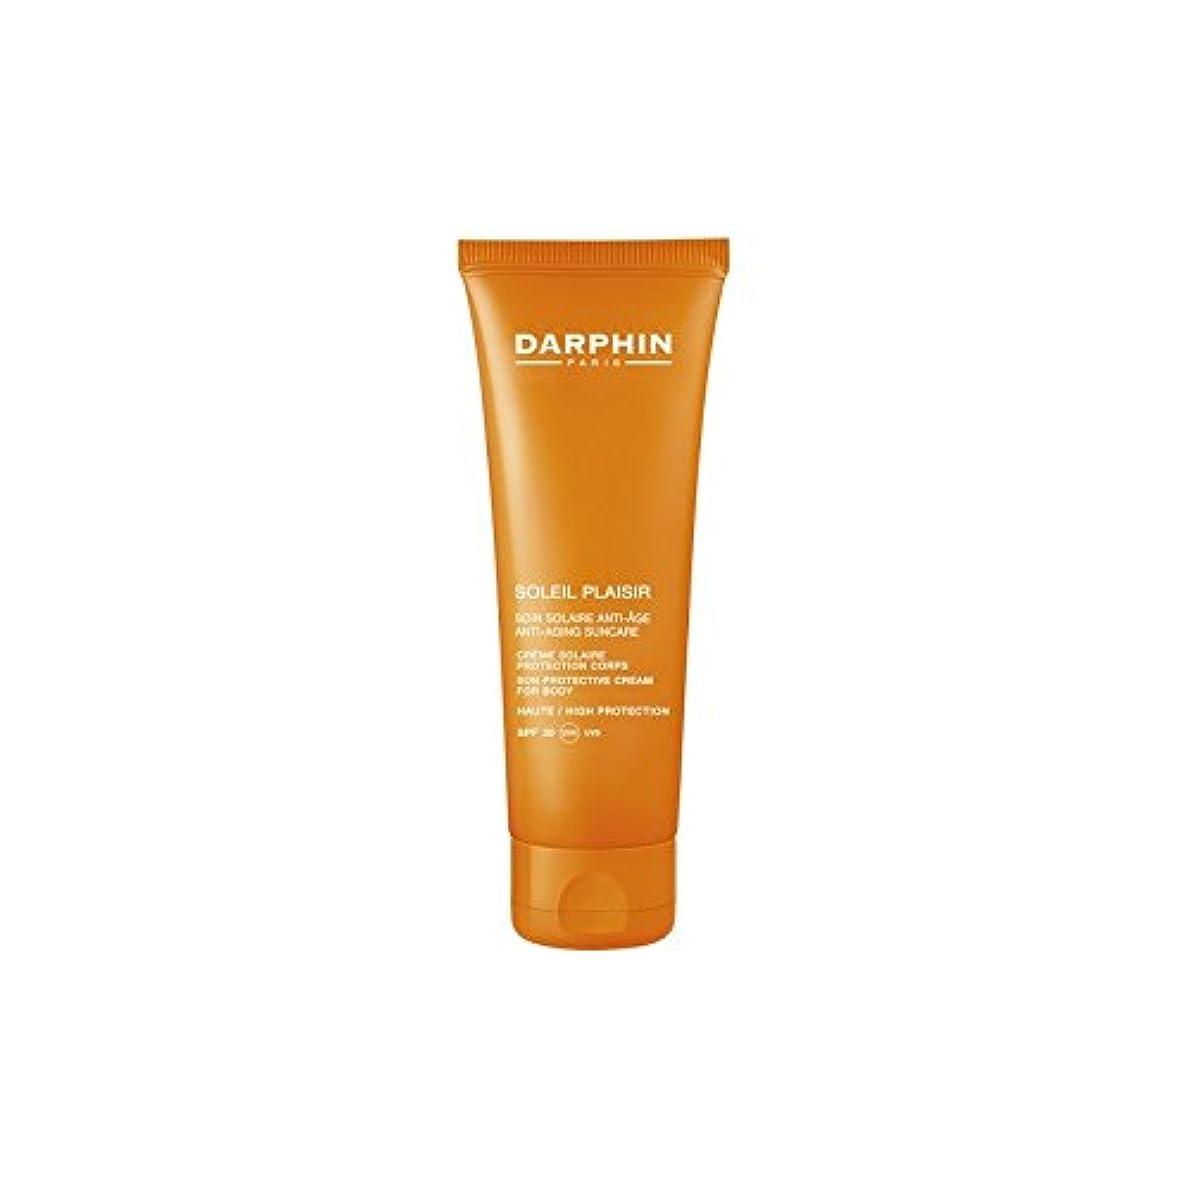 ストローク結果代わりにを立てるDarphin Soleil Plaisir Body Cream (Pack of 6) - ダルファンソレイユプレジールボディクリーム x6 [並行輸入品]